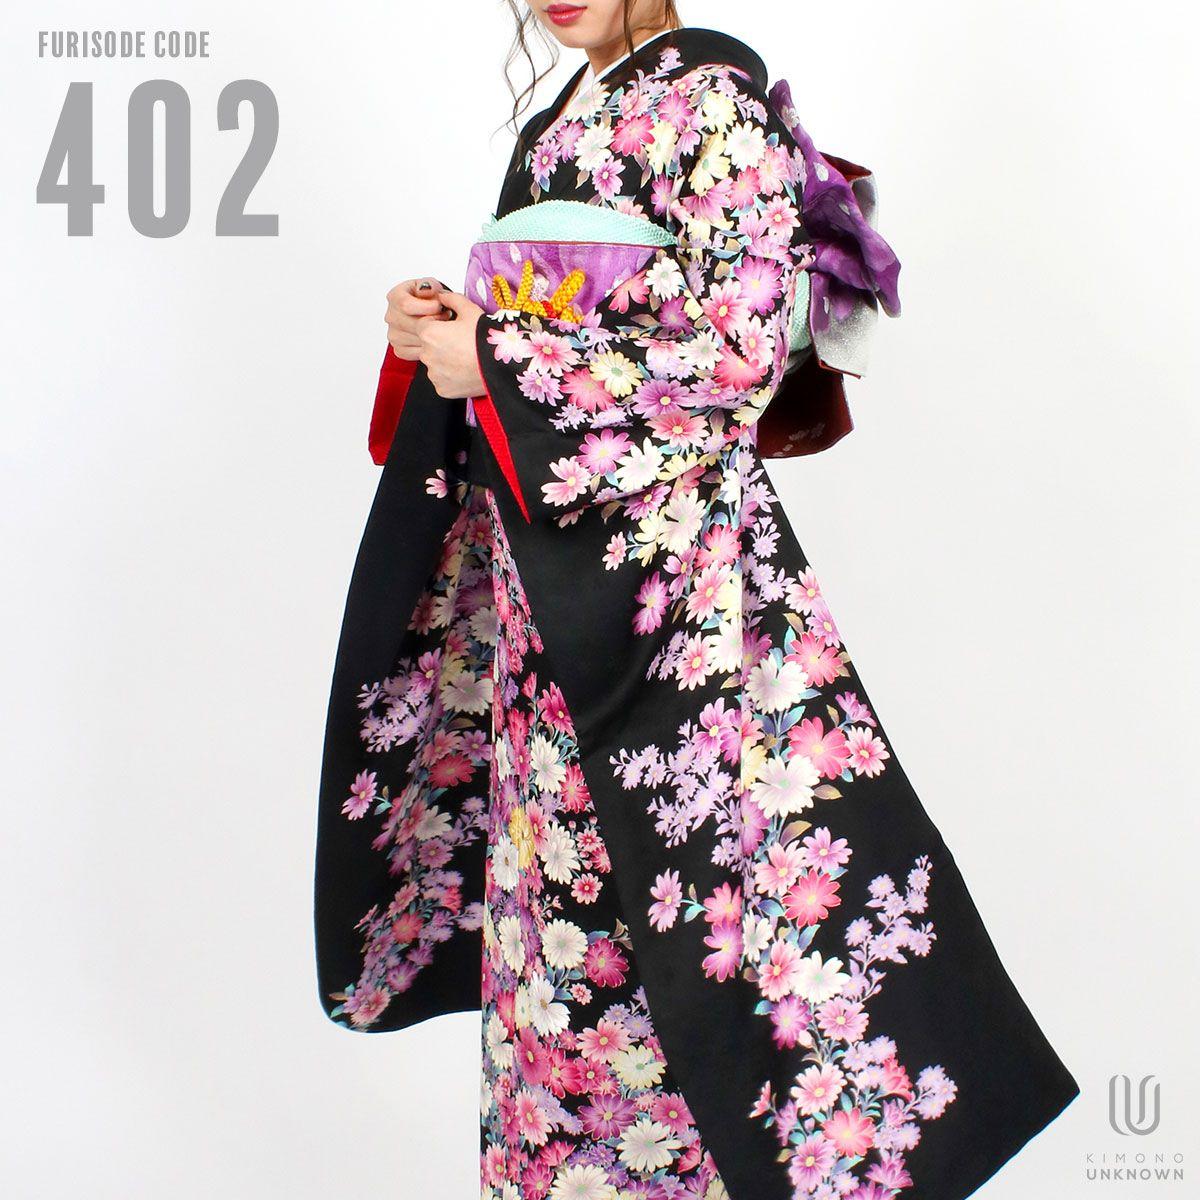 【成人式】 [安心の長期間レンタル]【対応身長145cm〜160cm】【正絹】レンタル振袖フルセット-402|花柄|クール系|定番|ポップキュート|黒系|紫系|洋花|豪華|